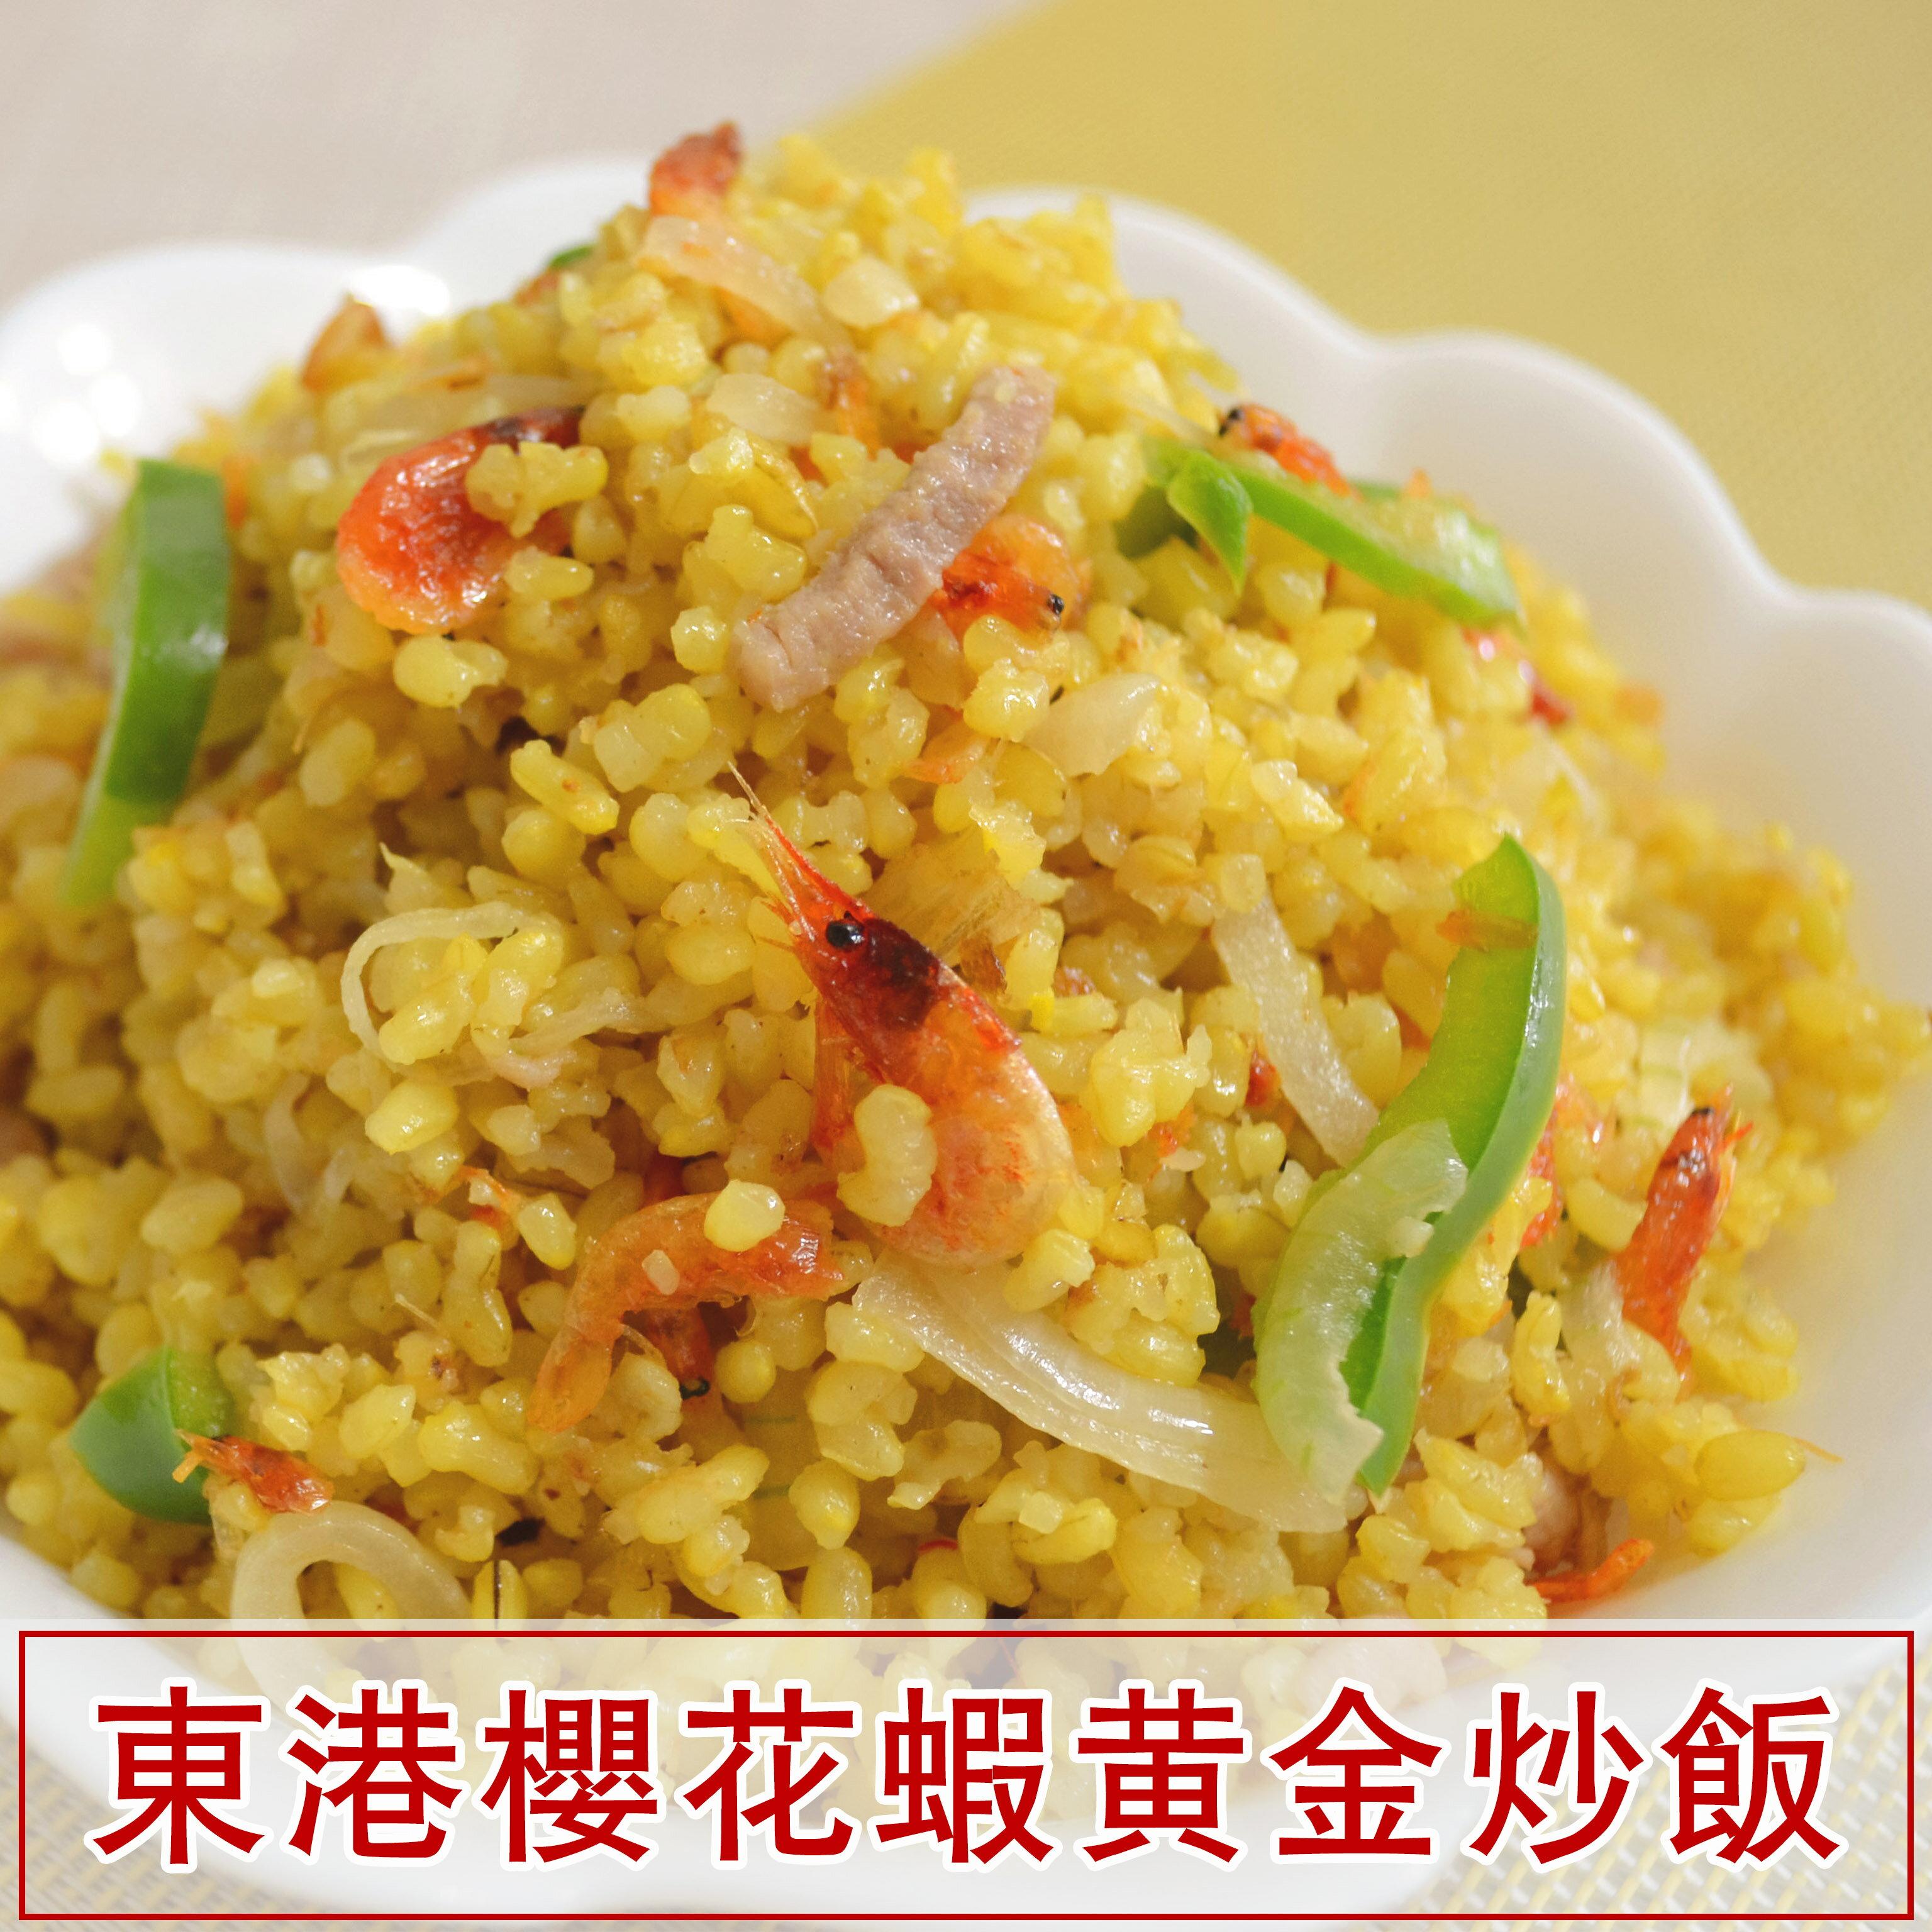 東港櫻花蝦黃金炒飯|料鮮味美|東港直送櫻花蝦|無負擔低卡炒飯|輕鬆上菜好幸福|下班後的小確幸